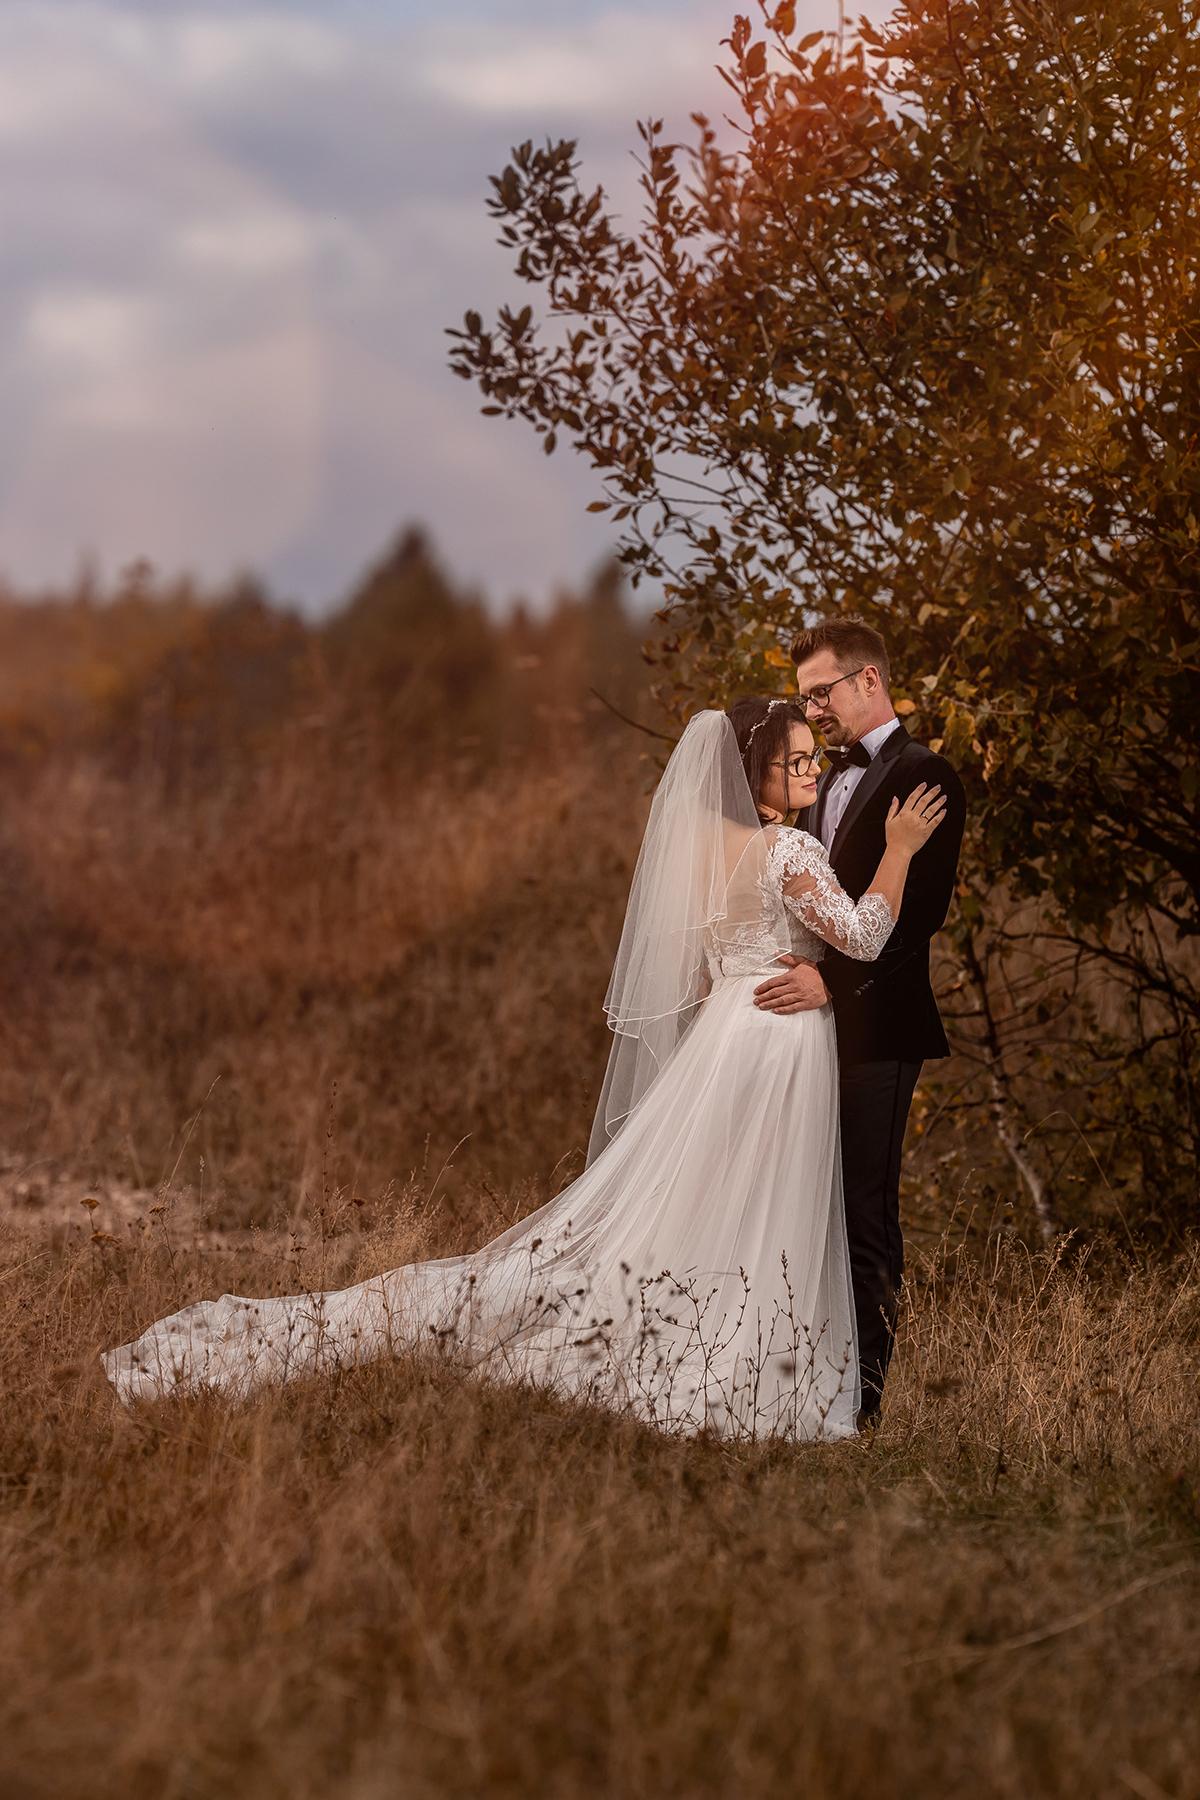 fotograf nunta 067 03